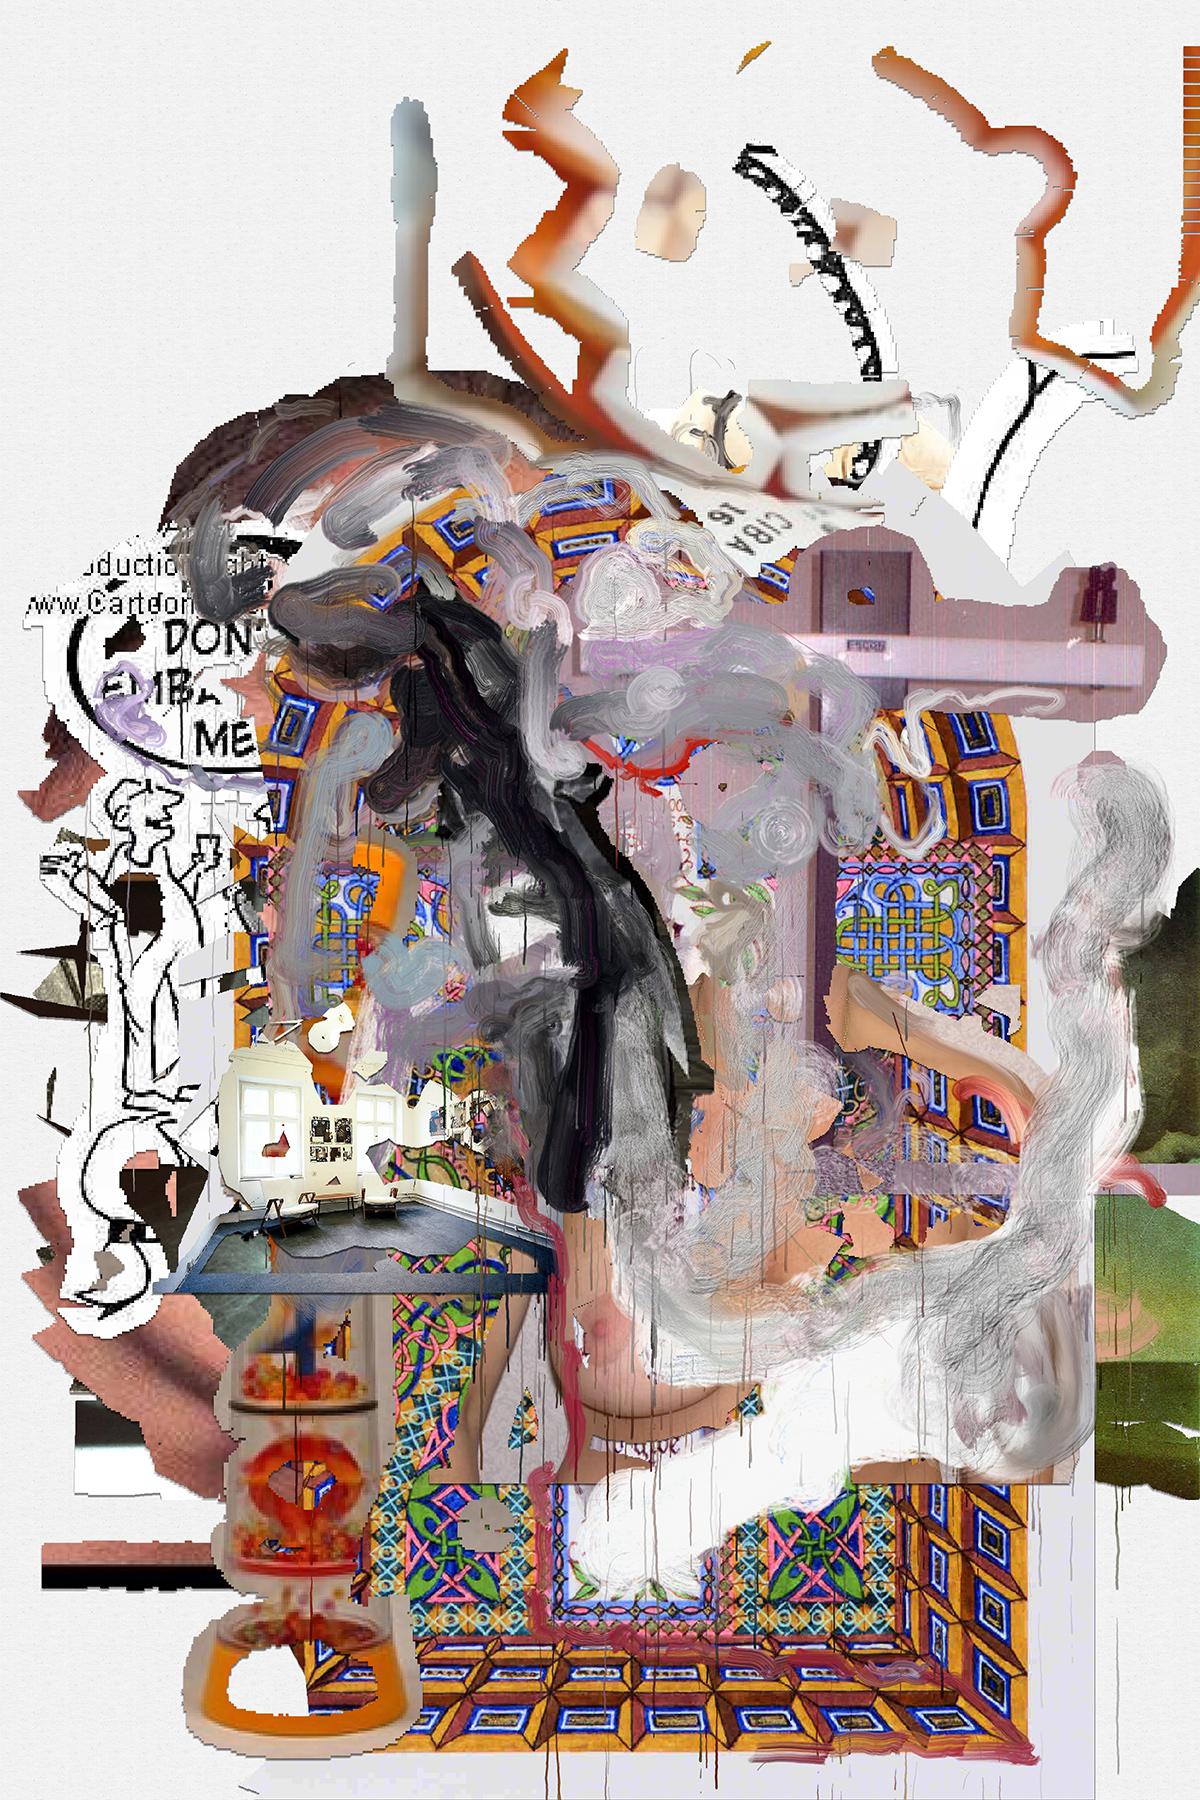 Siebren Versteeg, RustSleeping, algorithmisch generiertes Bild auf Leinwand gedruckt, Epoxydharz, 200 x 150 cm, 2017